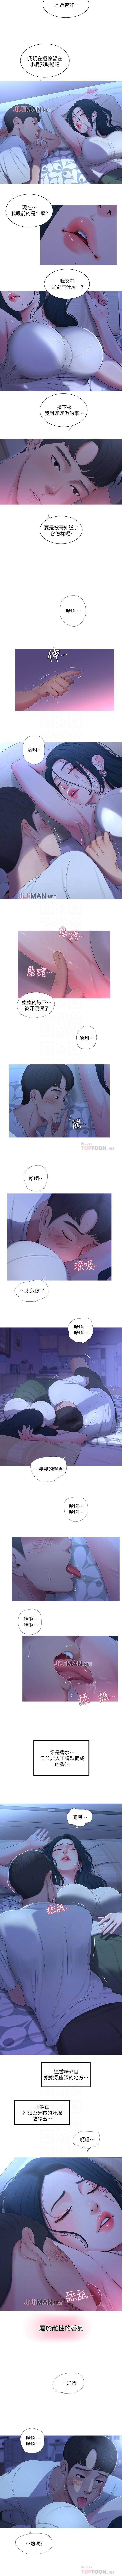 【周四连载】亲家四姐妹(作者:愛摸) 第1~31话 49